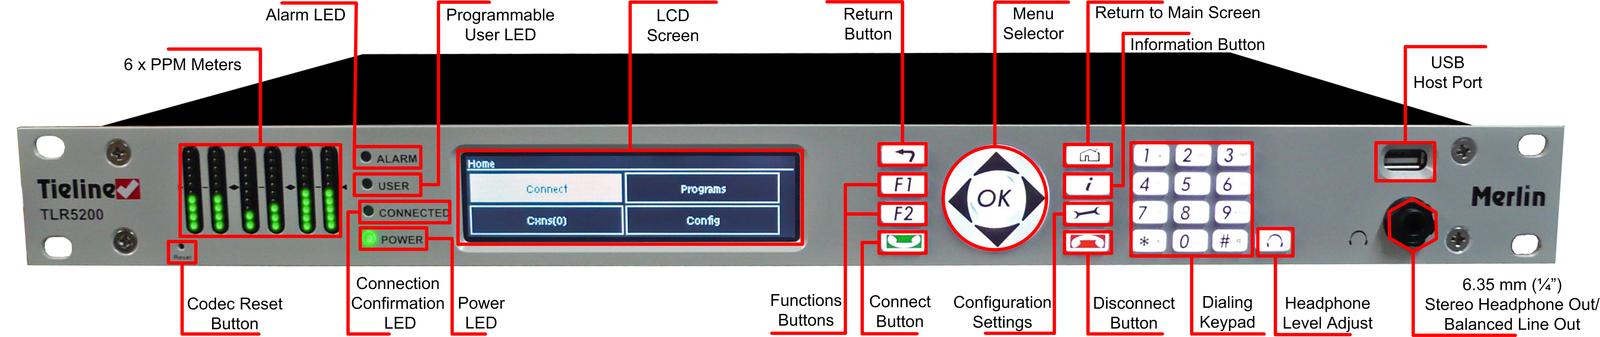 760_Merlin_rack_unit_front_panel_description_v.1.0